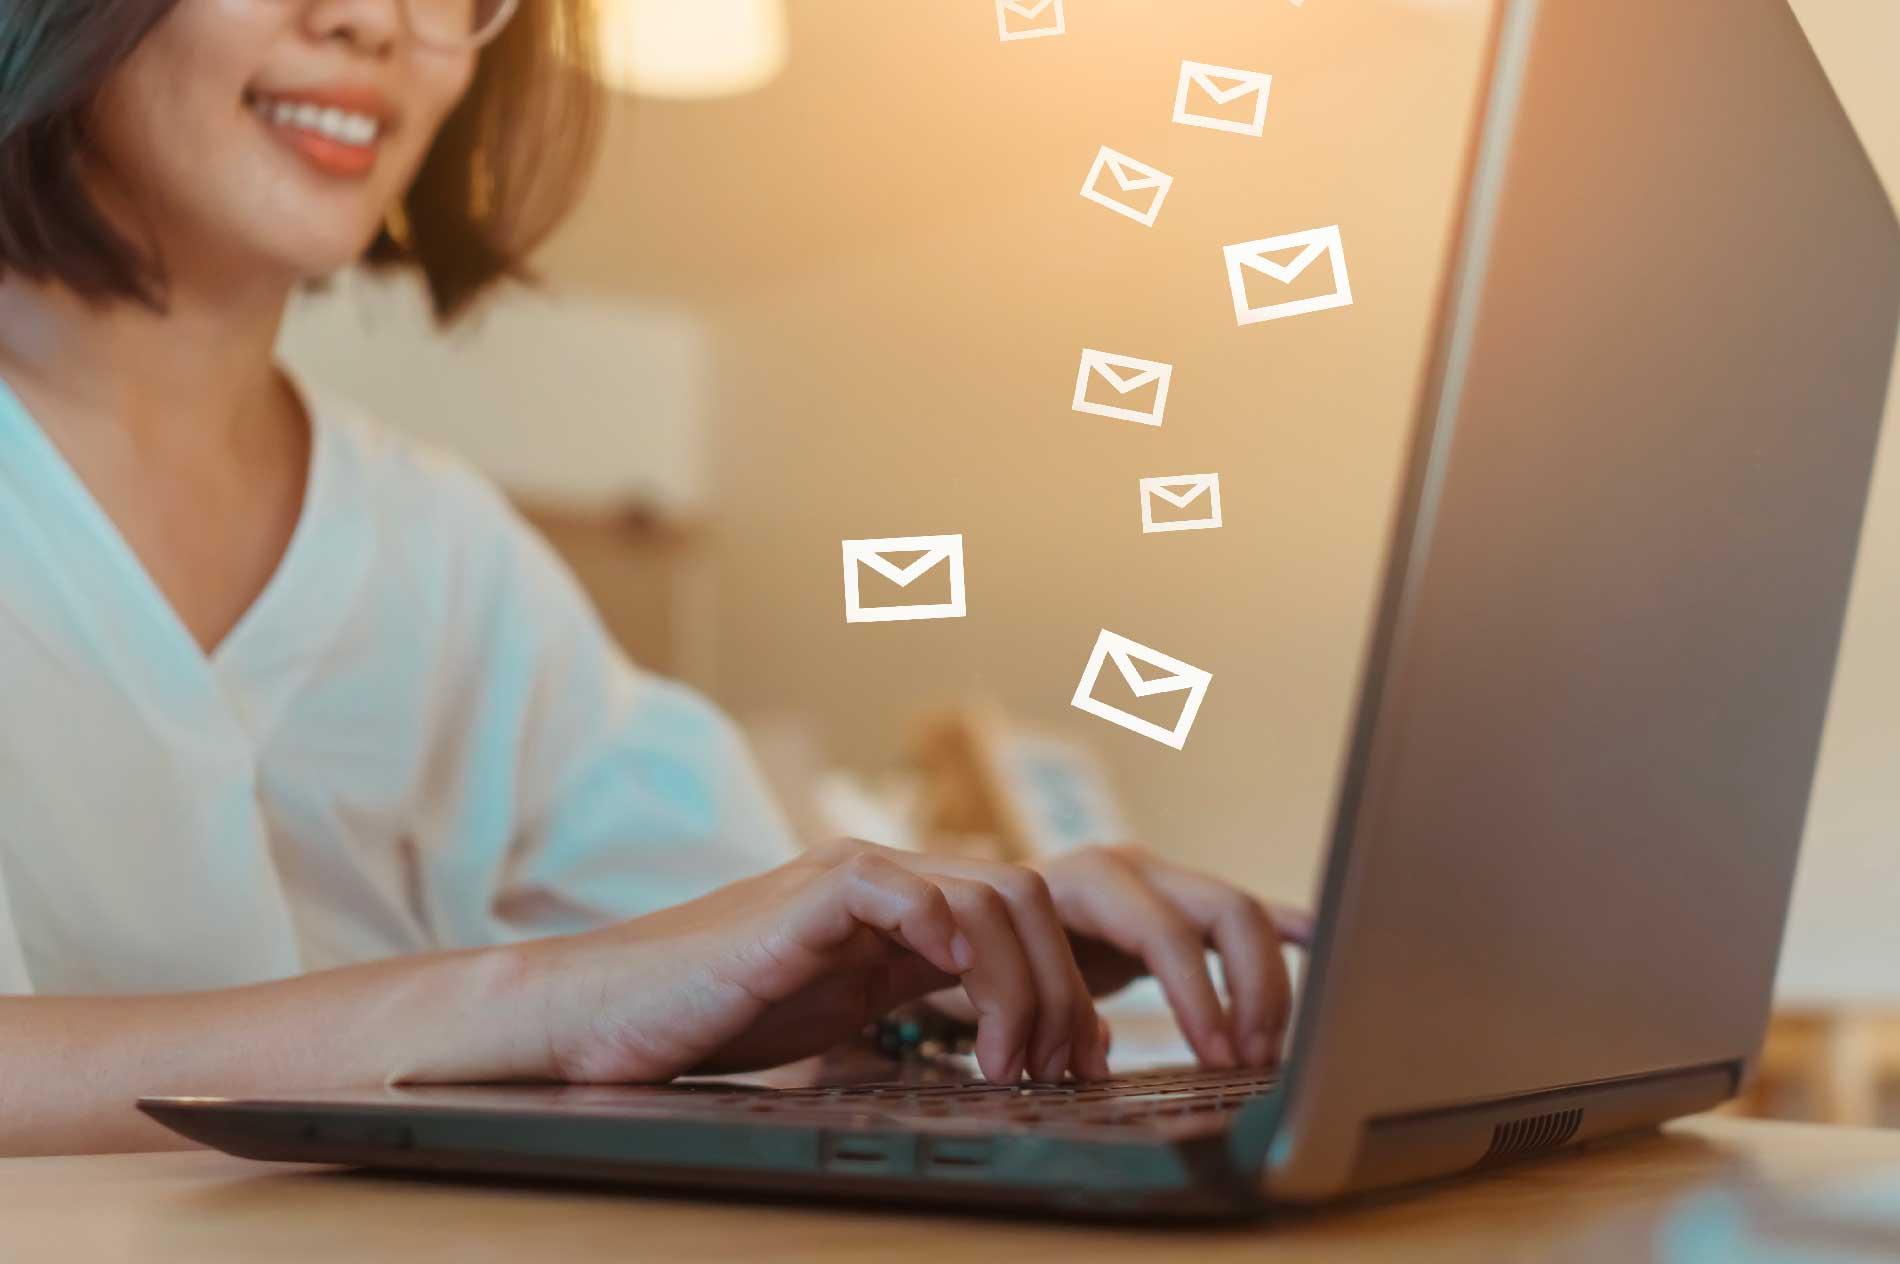 Faut-il envoyer des newsletters plusieurs fois par semaine?